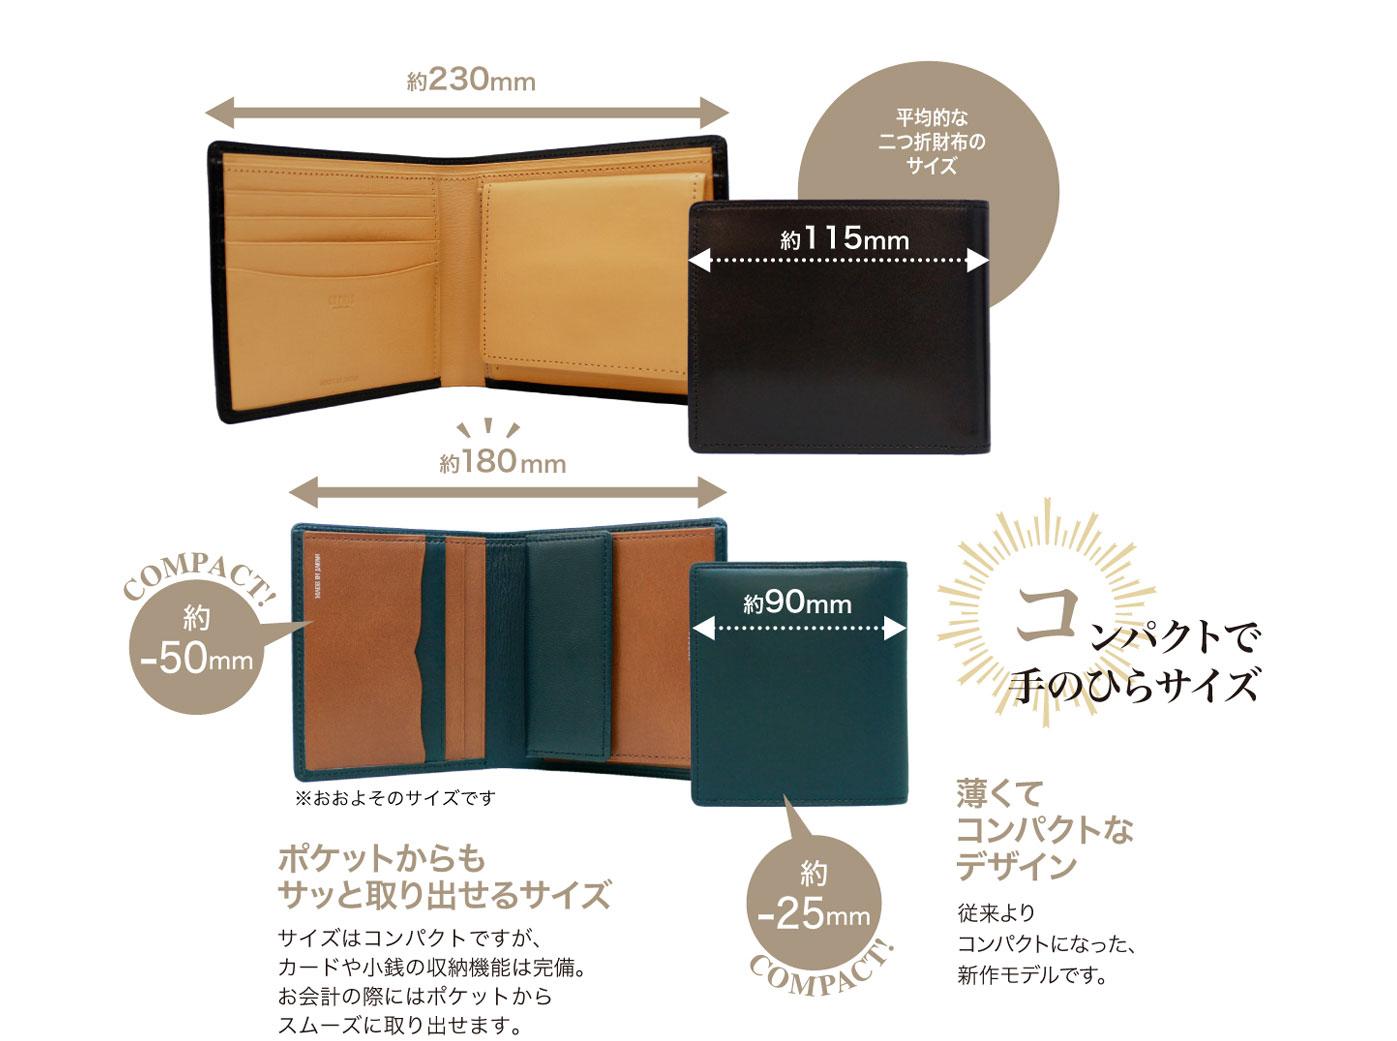 キプリス テルヌーラコンパクト札入れ。サイズはコンパクトですが、カードや小銭の収納機能は完備。お会計の際にポケットからスムーズに取り出せます。